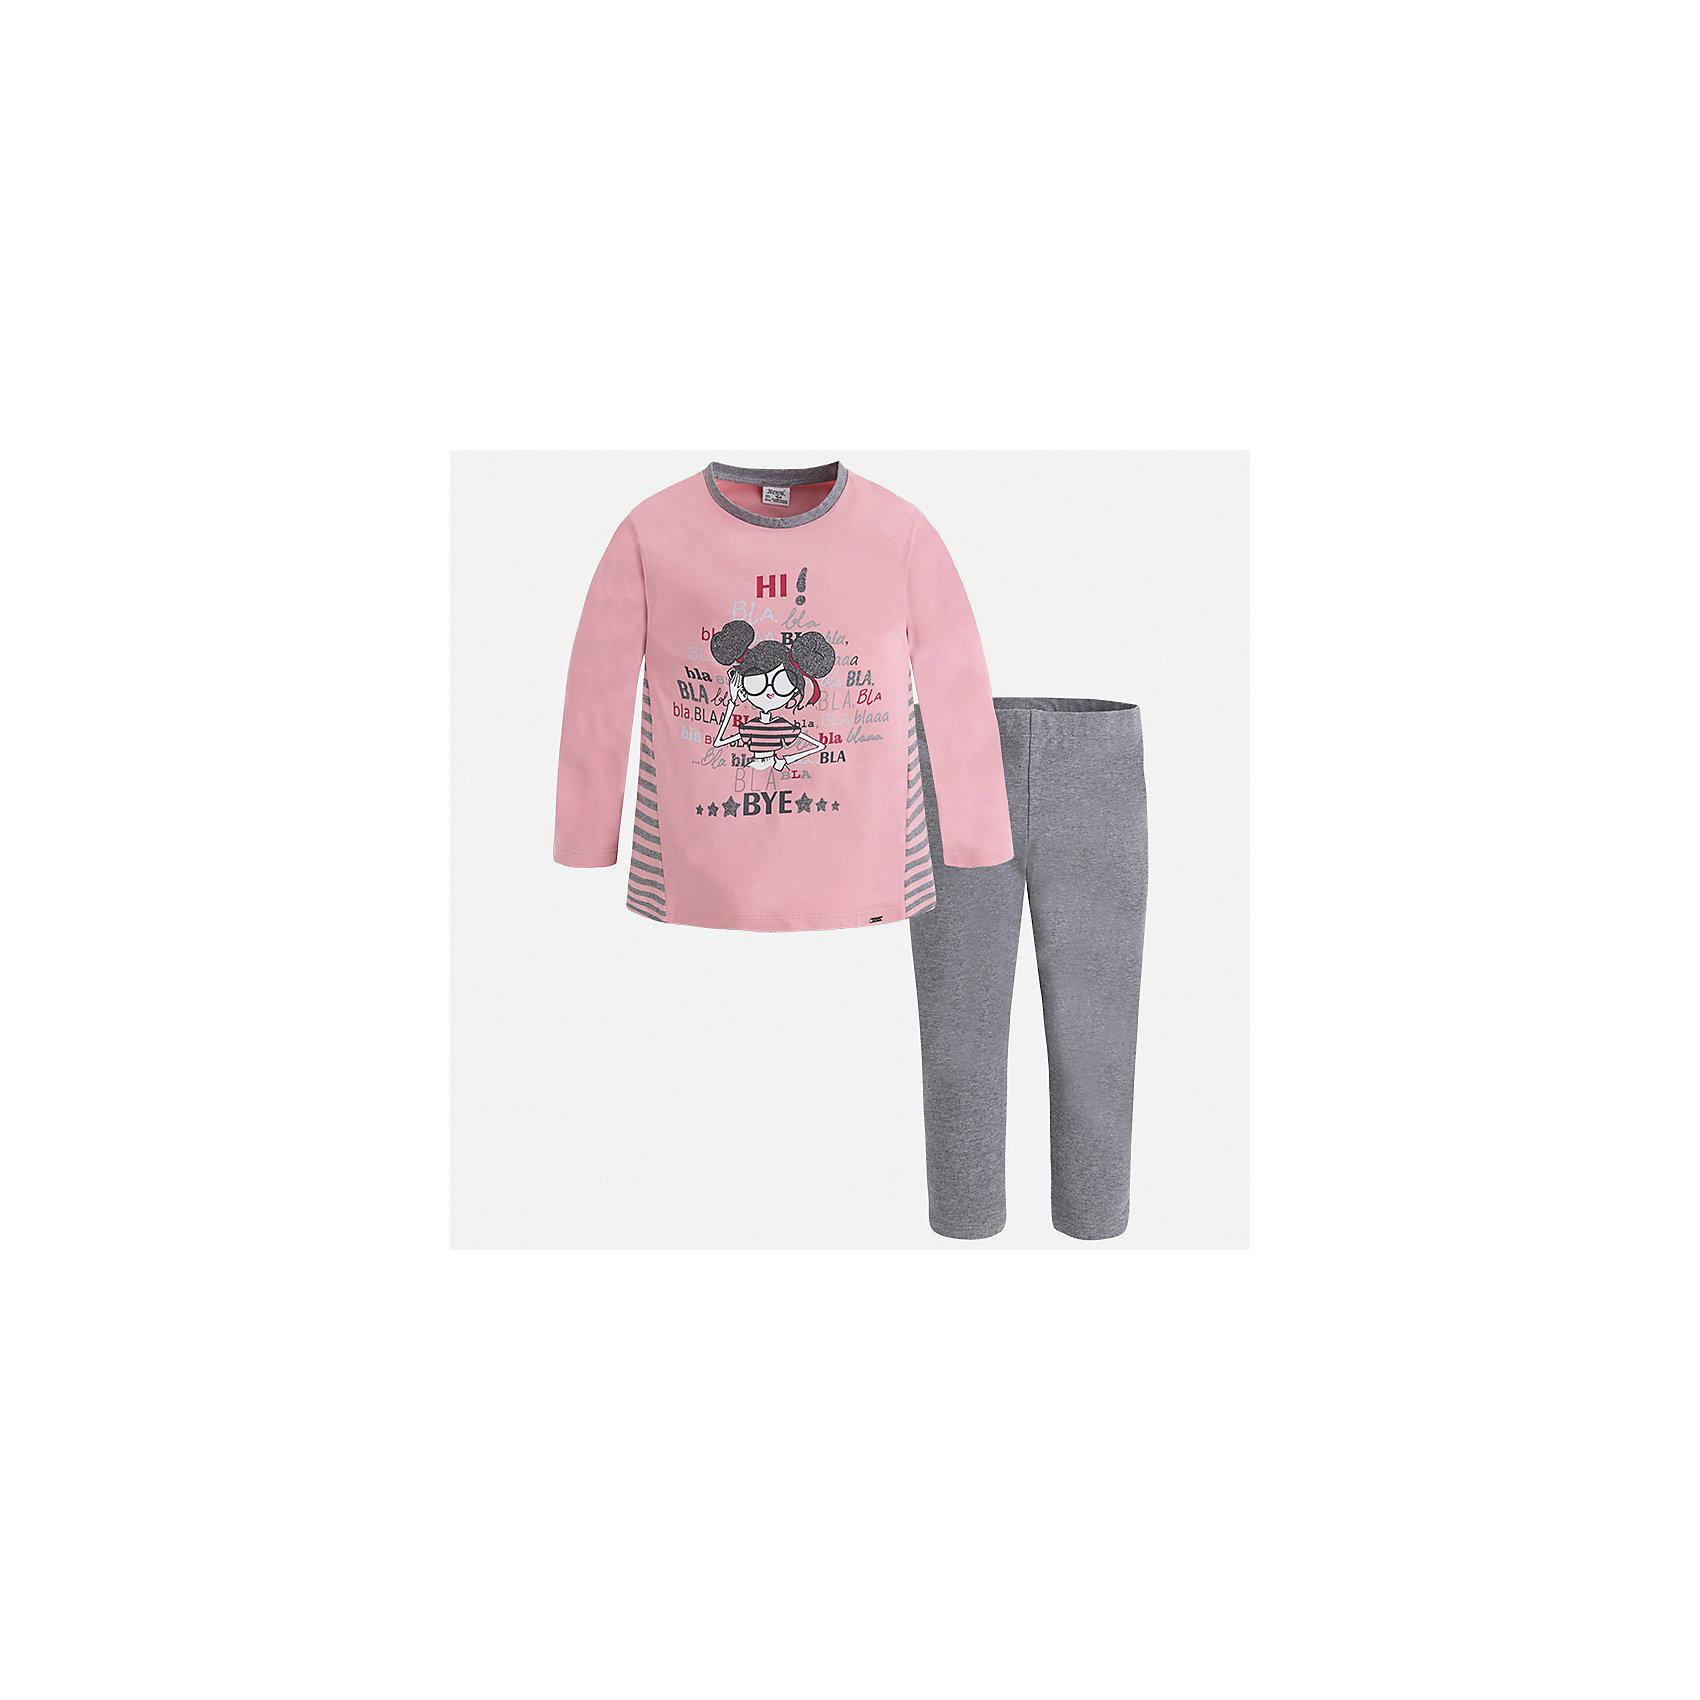 Комплект: футболка с длинным рукавом и леггинсы Mayoral для девочкиКомплекты<br>Характеристики товара:<br><br>• цвет: серый<br>• комплектация: футболка с длинным рукавом и леггинсы<br>• состав ткани леггинсов: 92% хлопок, 8% эластан<br>• состав ткани футболки с длинным рукавом: 60% хлопок, 32% полиэстер, 8% эластан<br>• длинные рукава<br>• пояс: резинка<br>• сезон: круглый год<br>• страна бренда: Испания<br>• страна изготовитель: Индия<br><br>Этот комплект поможет подарить ребенку комфорт. Детский комплект от известного бренда Майорал состоит из мягкой футболки с принтом и эластичных леггинсов. <br><br>Для производства детской одежды популярный бренд Mayoral использует только качественную фурнитуру и материалы. Оригинальные и модные вещи от Майорал неизменно привлекают внимание и нравятся детям.<br><br>Комплект: футболка с длинным рукавом для девочки Mayoral (Майорал) можно купить в нашем интернет-магазине.<br><br>Ширина мм: 123<br>Глубина мм: 10<br>Высота мм: 149<br>Вес г: 209<br>Цвет: серый<br>Возраст от месяцев: 84<br>Возраст до месяцев: 96<br>Пол: Женский<br>Возраст: Детский<br>Размер: 128,134,92,98,104,110,116,122<br>SKU: 6922855